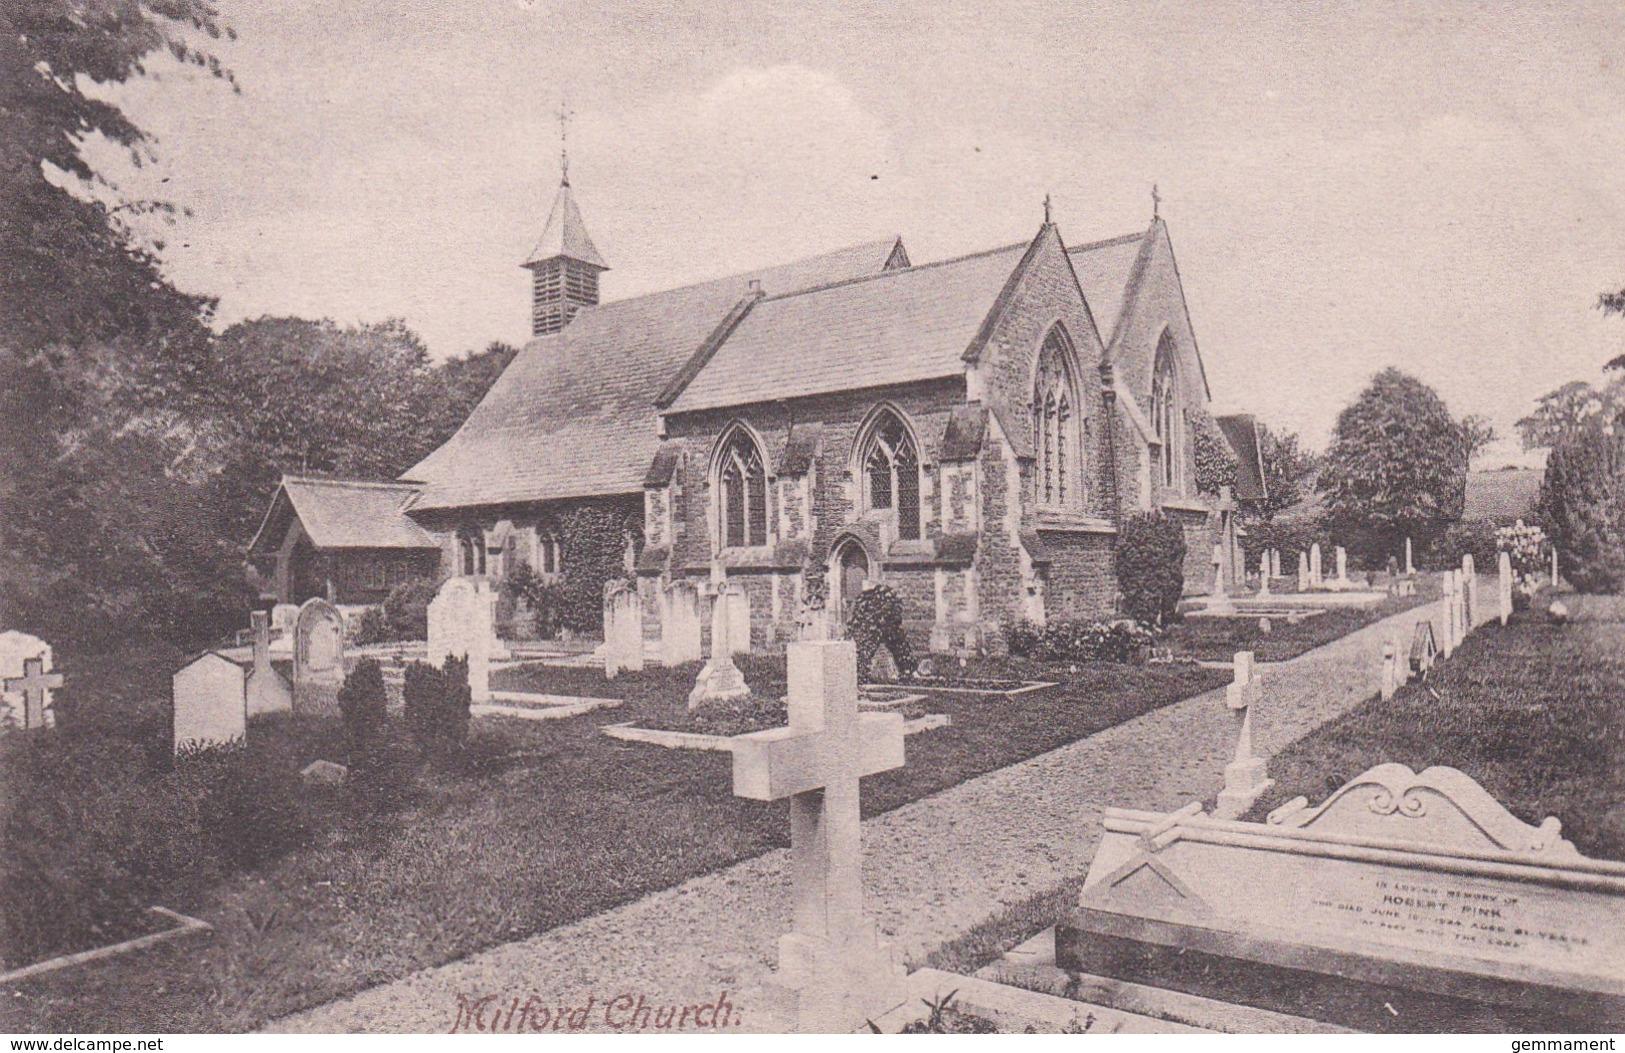 MILFORD CHURCH - Surrey